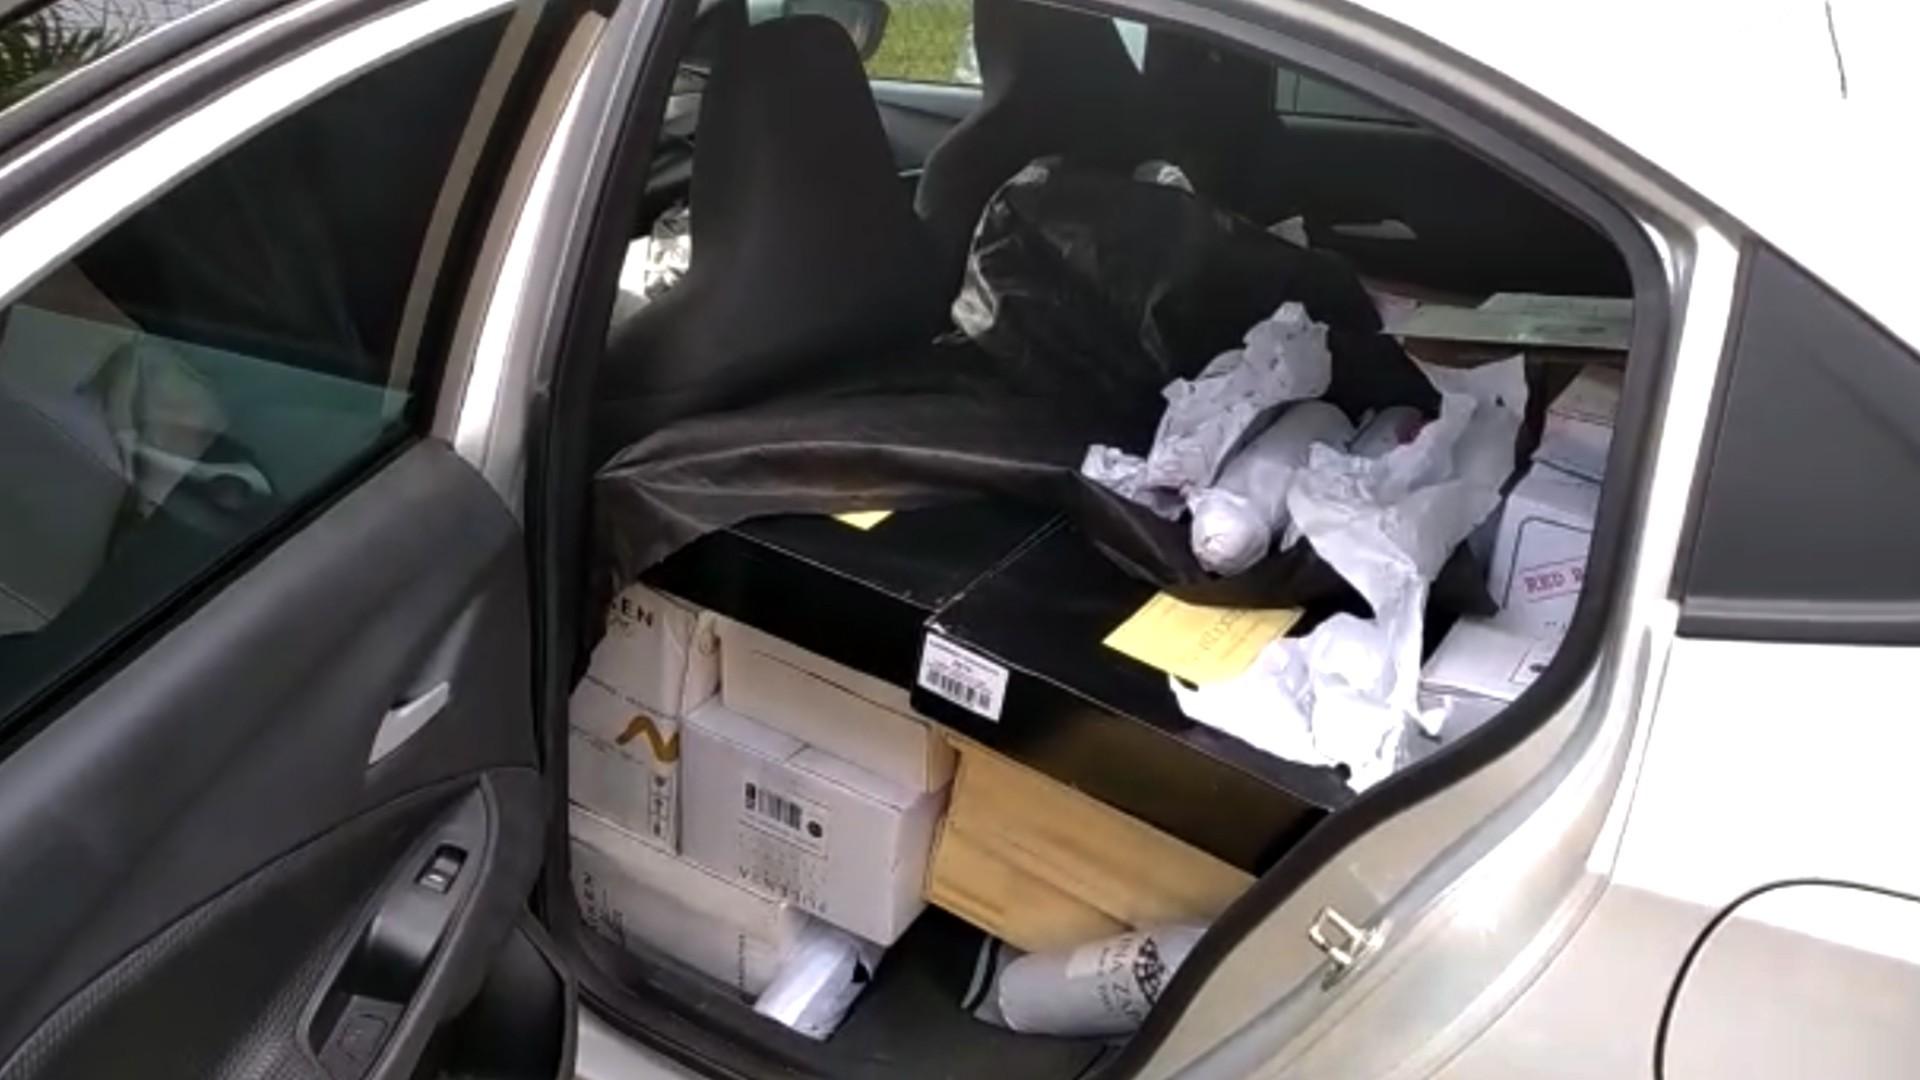 Em carro alugado, homem é abordado com 400 garrafas de vinhos argentinos, em Guarapuava, diz PRF